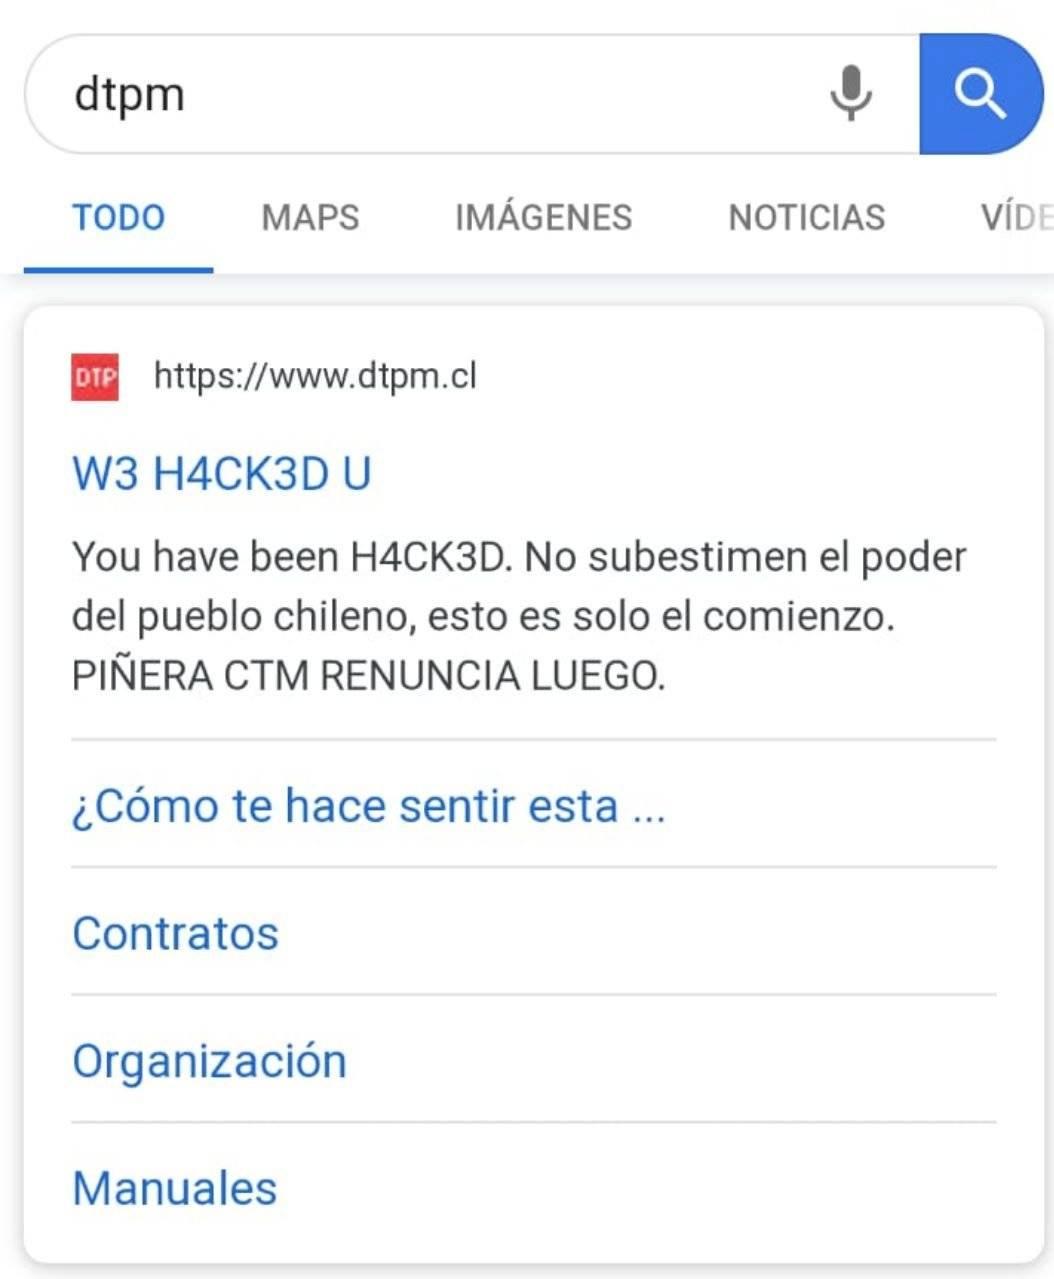 """""""Esto es sólo el comienzo"""": hackean sitio de Dirección de Transportes y dejan fuerte recado a Piñera"""